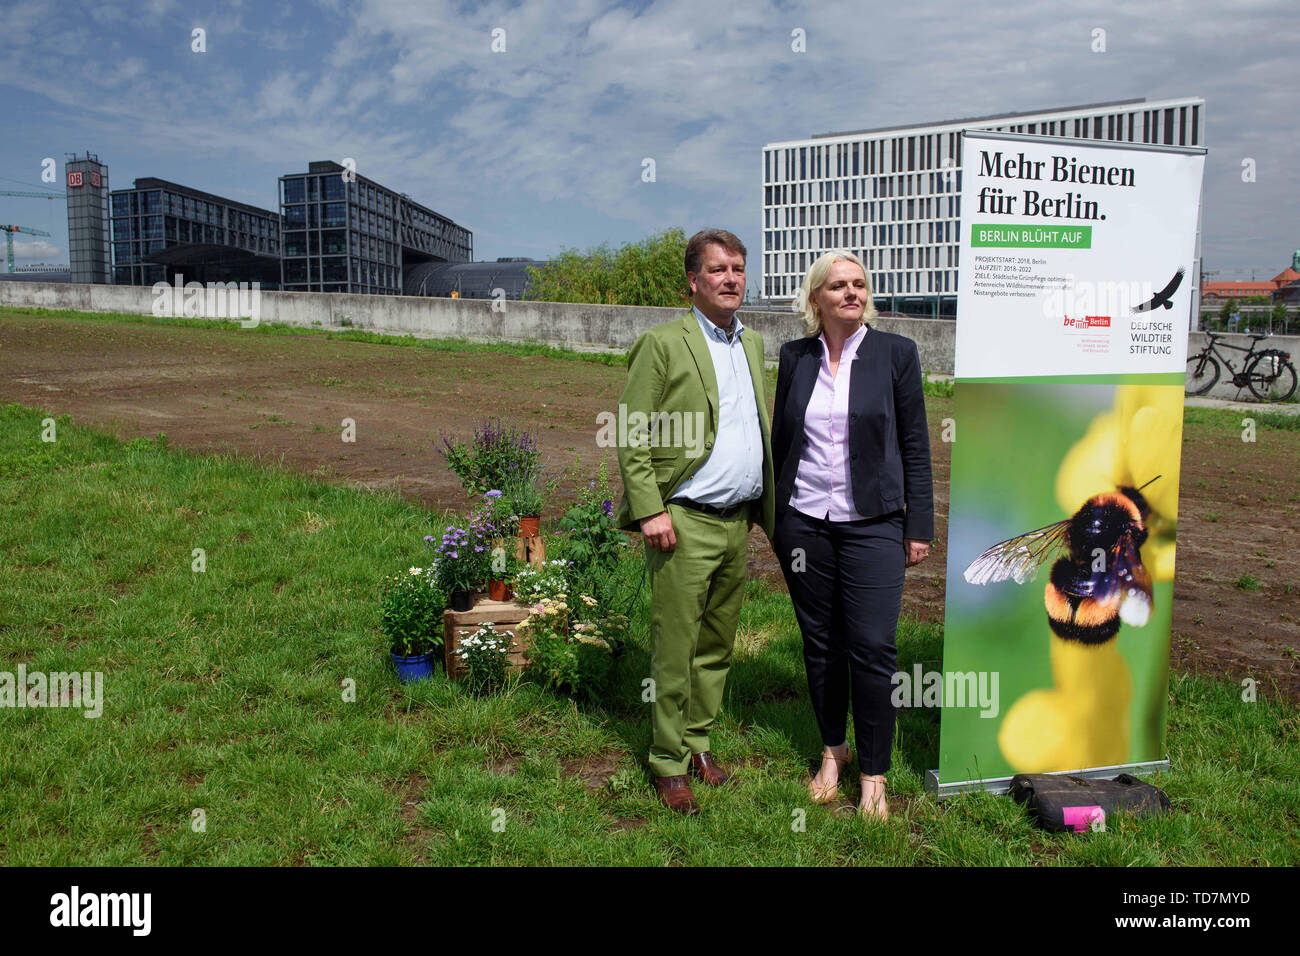 13 de junio de 2019, Berlín: Hilmar Freiherr von Münchhausen, Director General y Jefe de la unidad de naturaleza y la conservación de las especies en la vida silvestre, y la Fundación Alemana Regine Günther (no de partido), el senador por el medio ambiente, el transporte y la protección del clima en Berlín, se encuentra delante de un recién creado wildflower meadow en el Spreebogenpark en la estación de tren principal. Las primeras flores silvestres que se espera que crezca este año. En un proyecto piloto, el alemán Wildlife Foundation y el Departamento del Senado para el Medio Ambiente, el transporte y la protección del clima están probando la actualización de verde público s Foto de stock